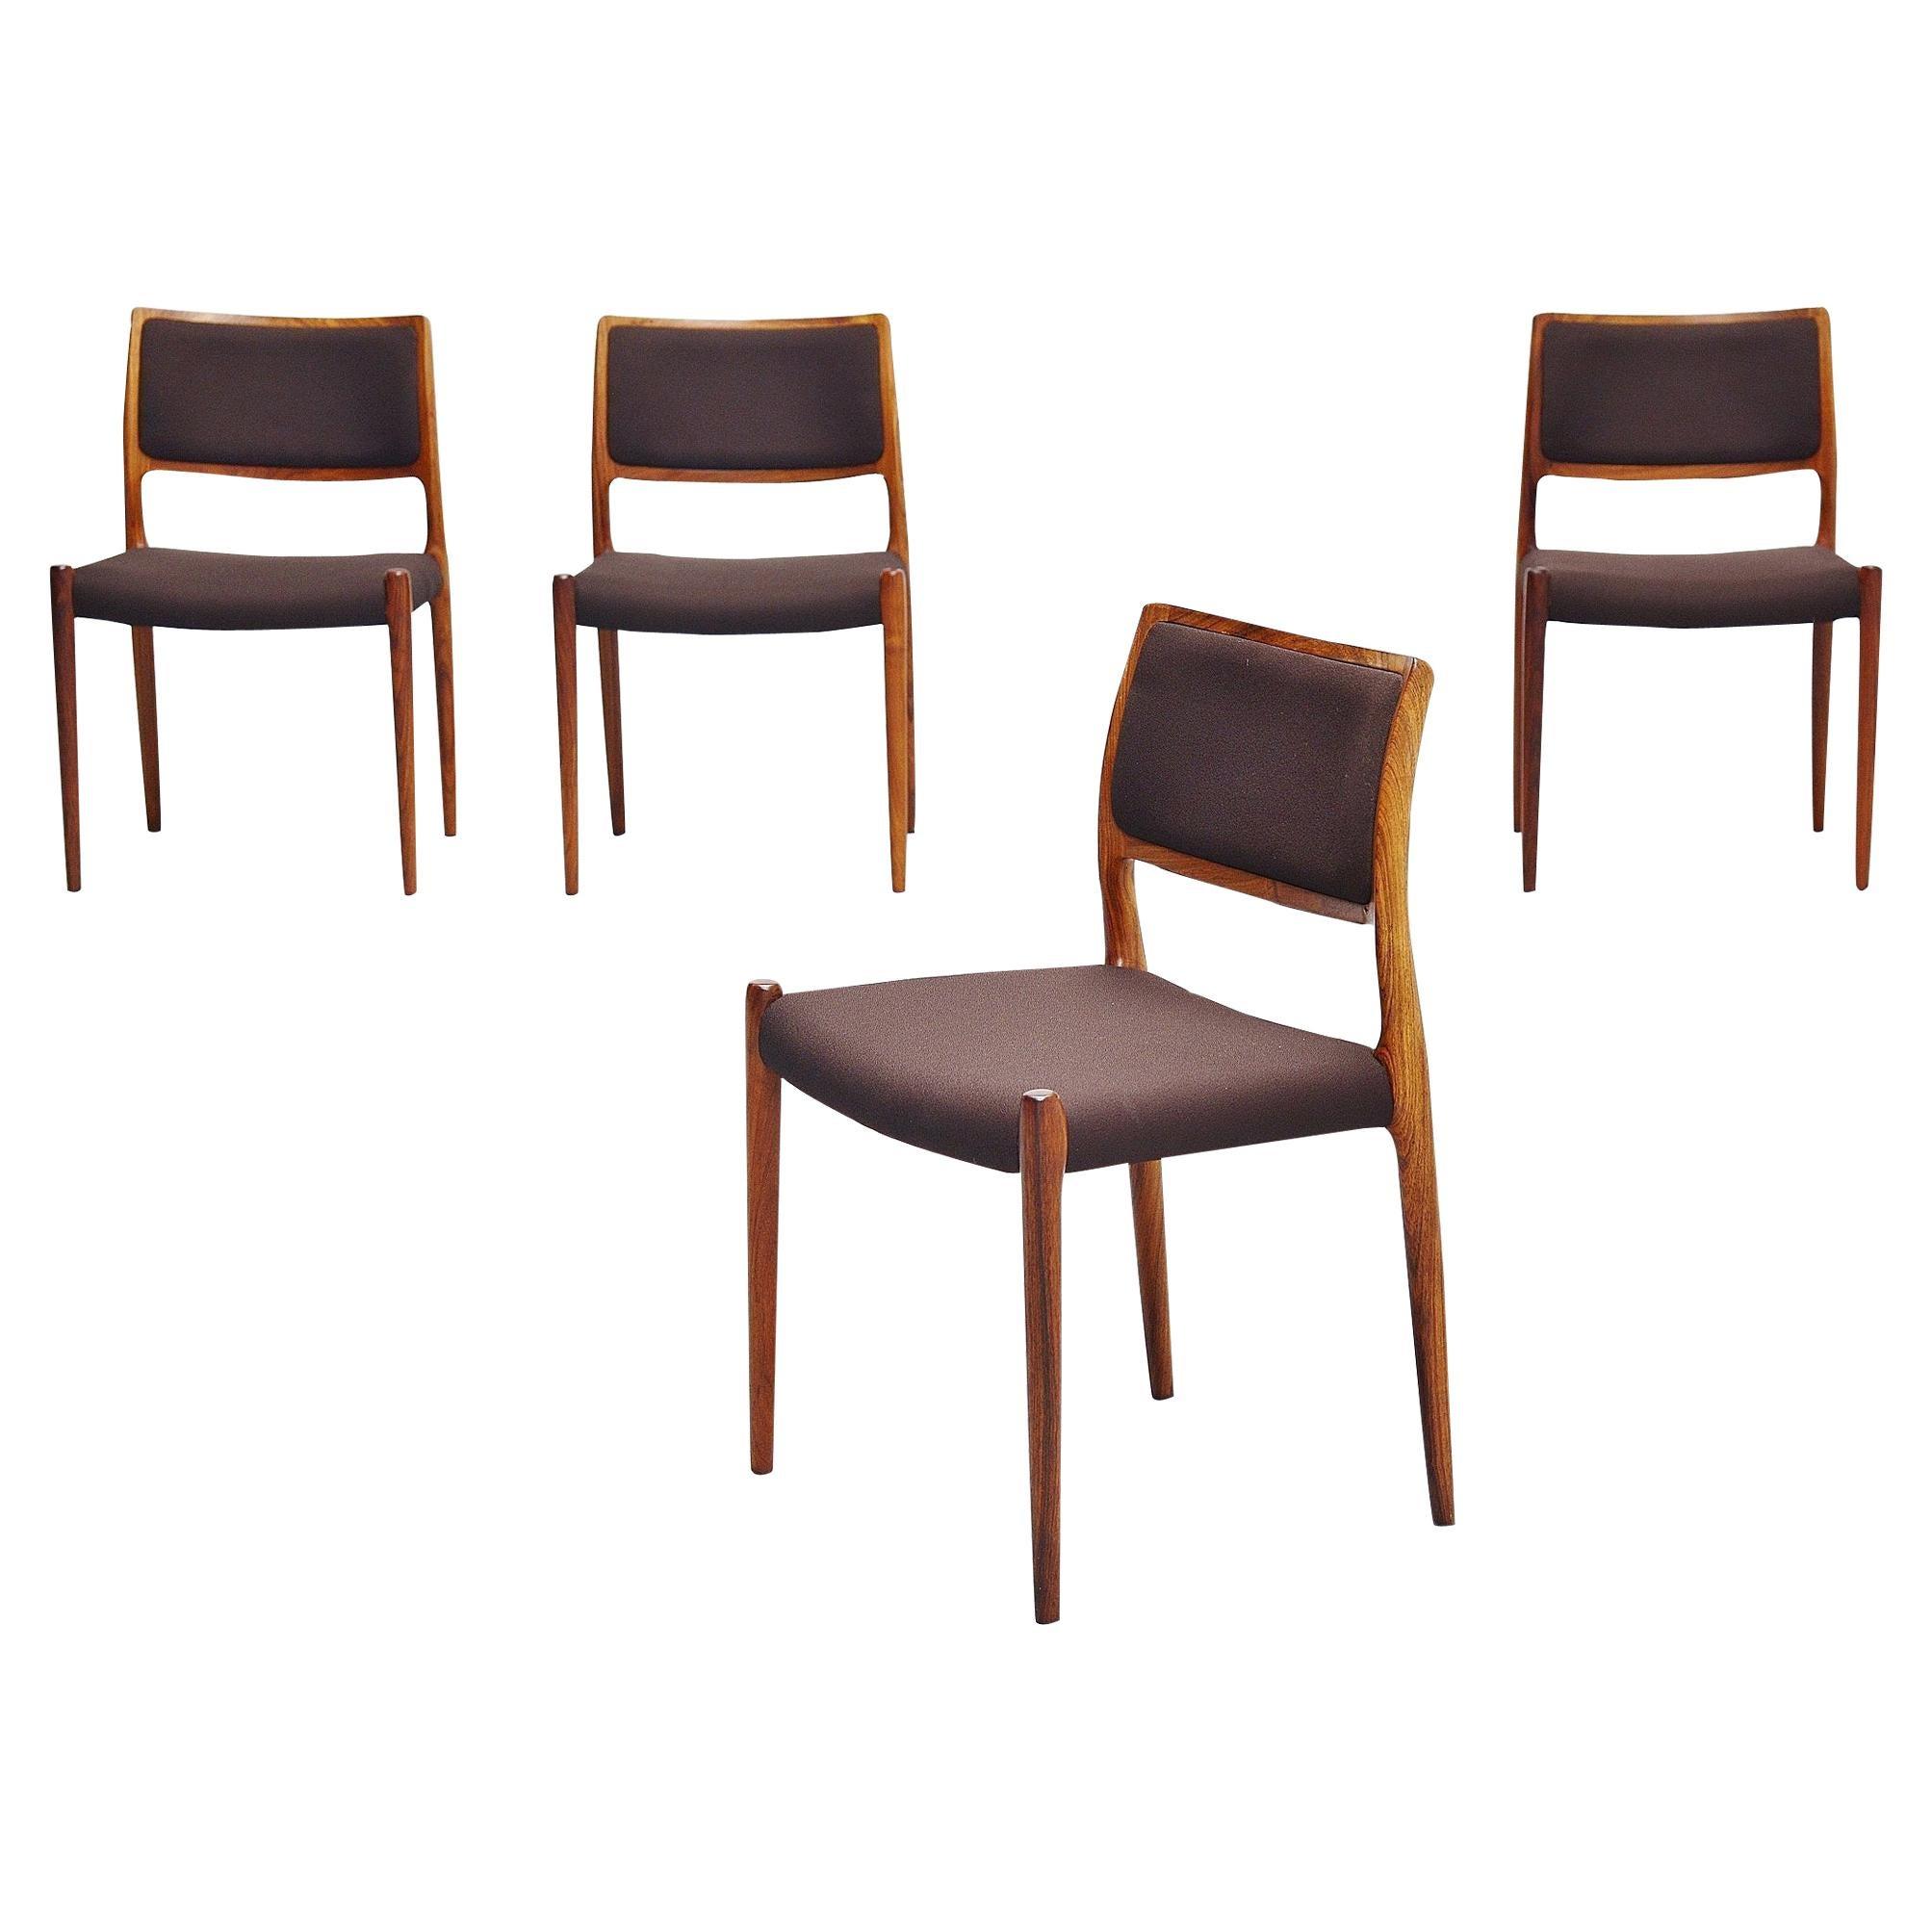 Niels Møller Model 80 Dining Chairs Rosewood, Denmark, 1968